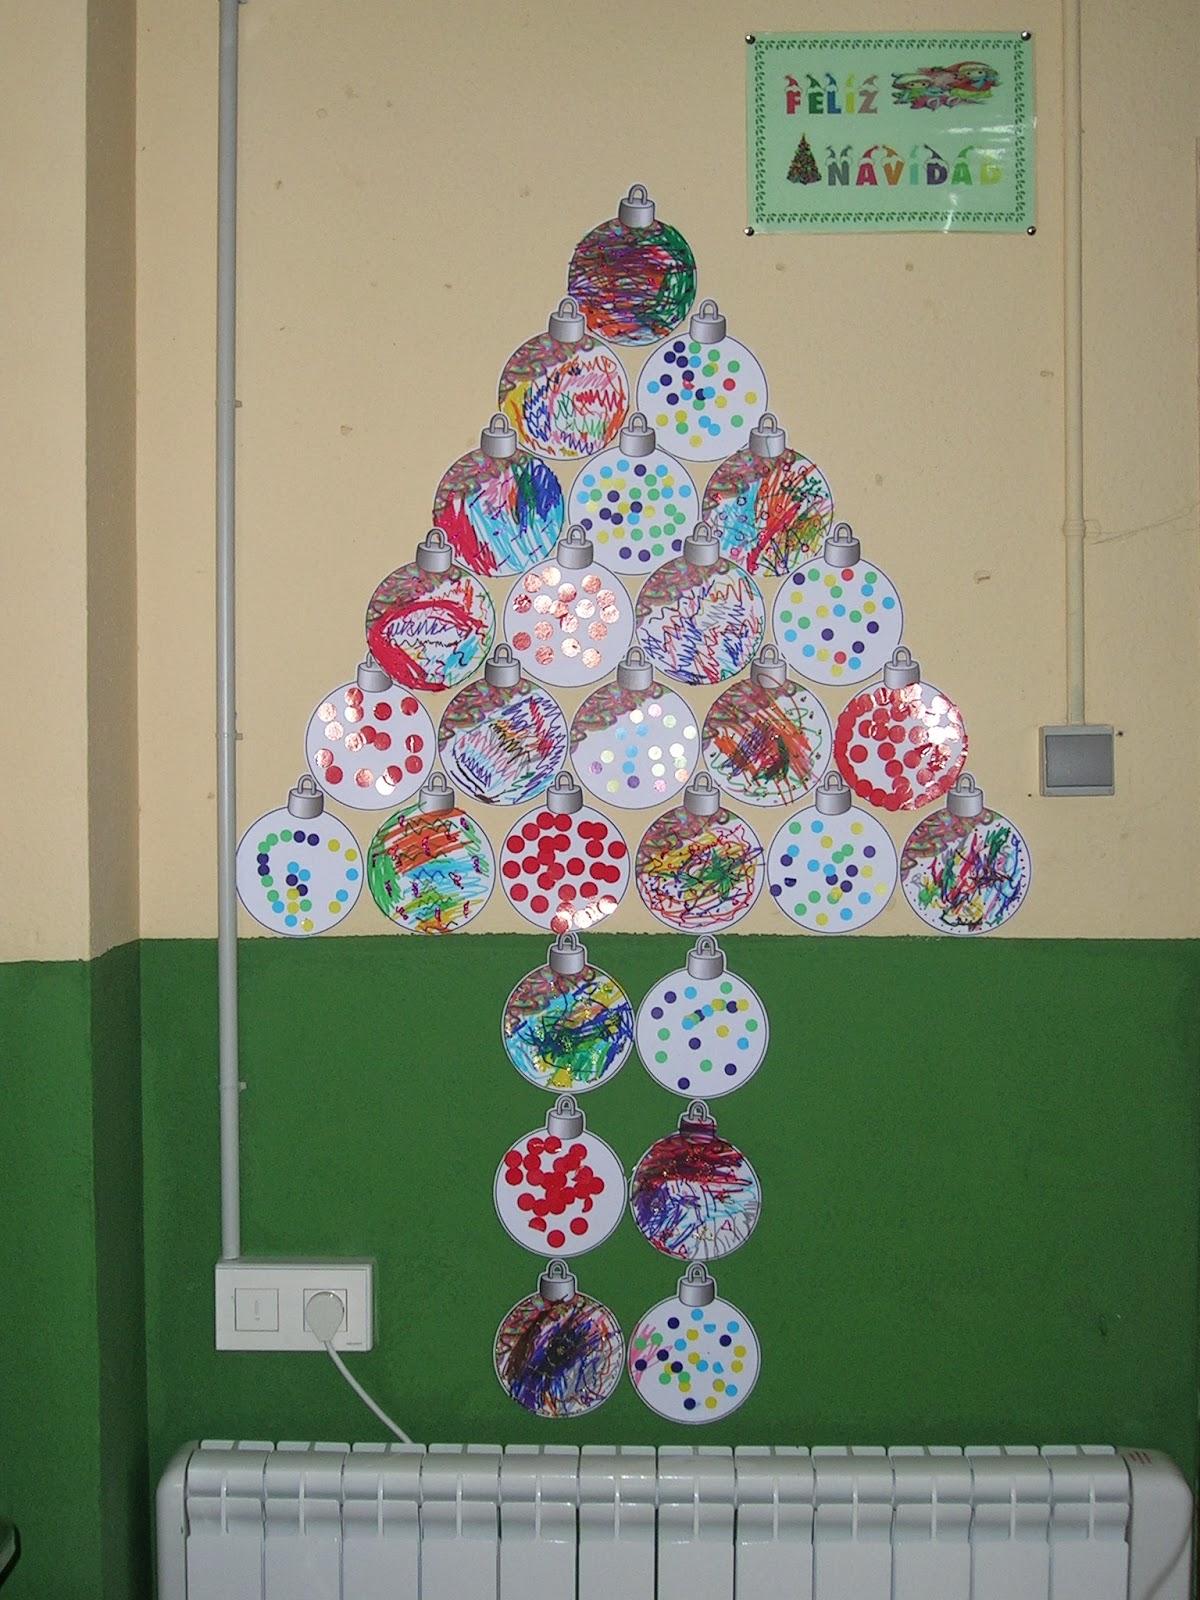 Trabajando en educaci n infantil rboles de navidad 2 - Bolas de navidad para ninos ...